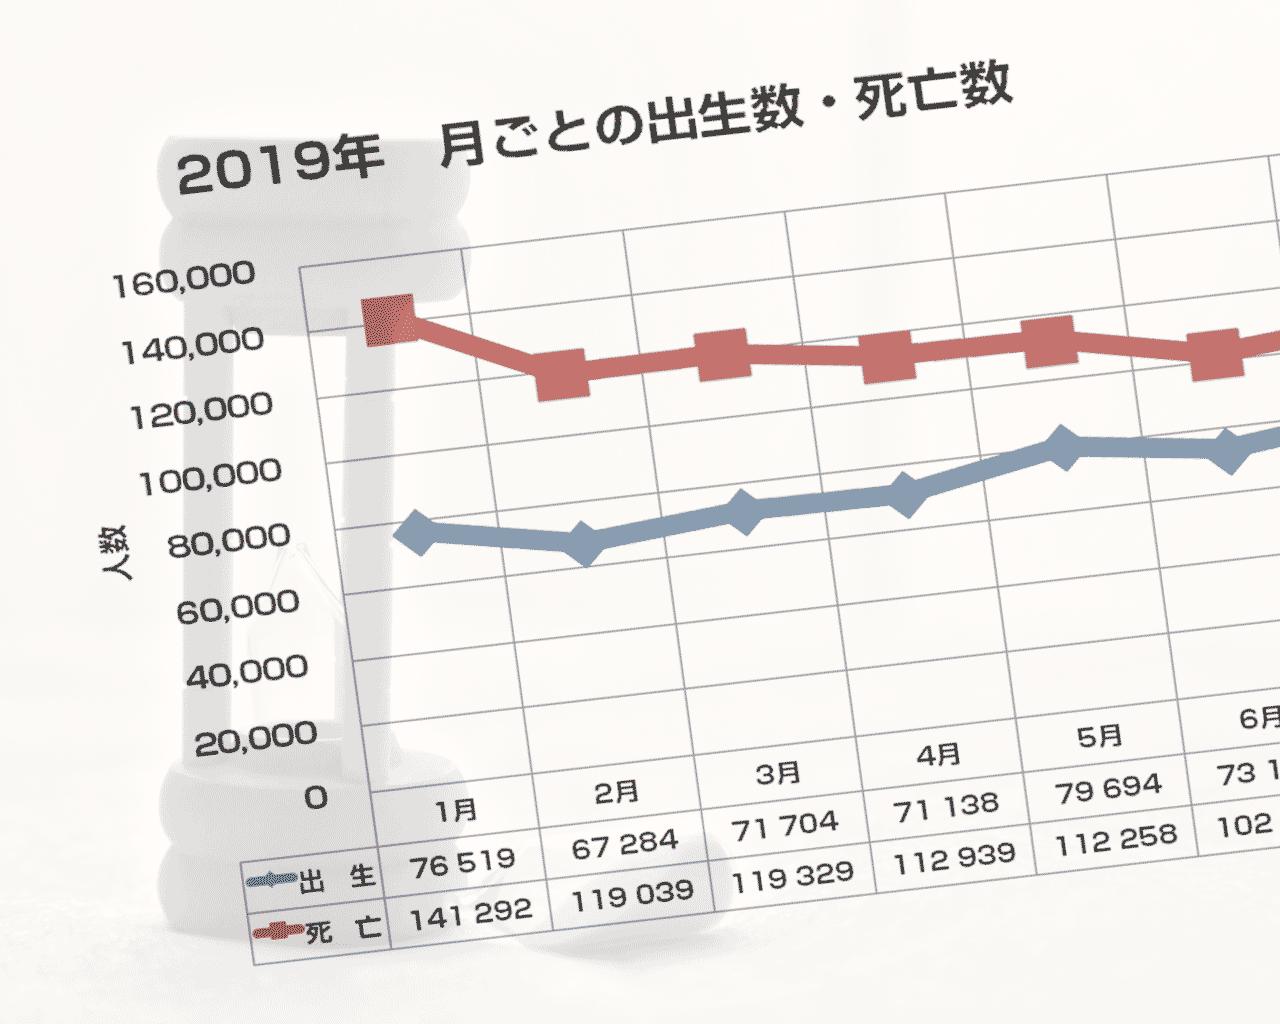 日本の出生数・死亡数(2019年の月次データ)